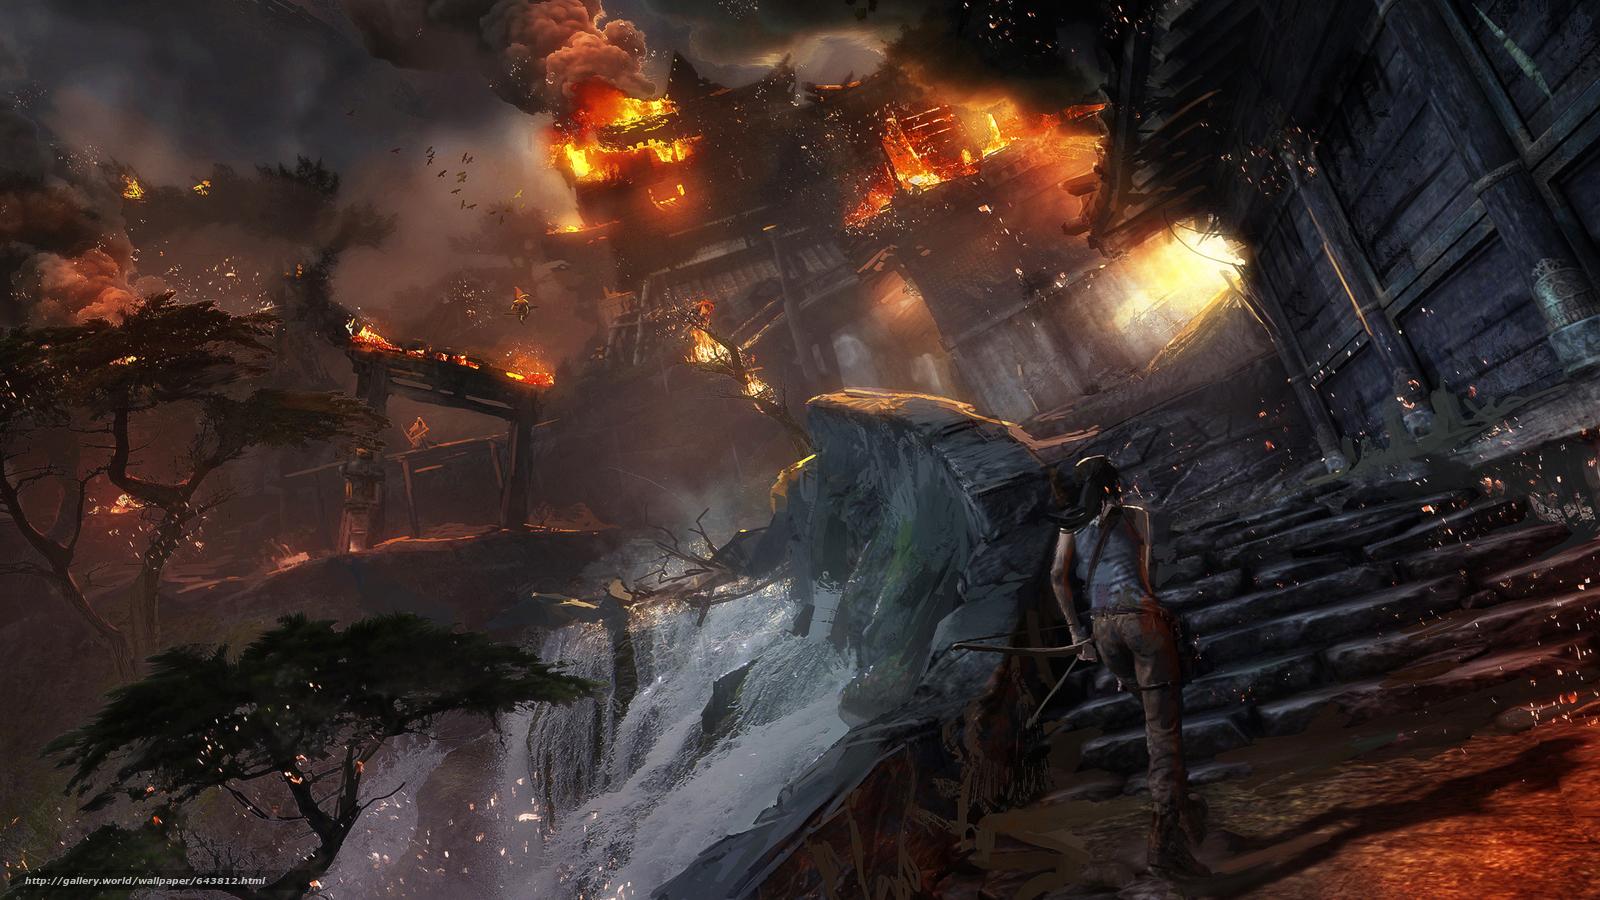 Tlcharger Fond d'ecran Tomb Raider,  Lara Croft,  Asie,  village Fonds d'ecran gratuits pour votre rsolution du bureau 2667x1500 — image №643812